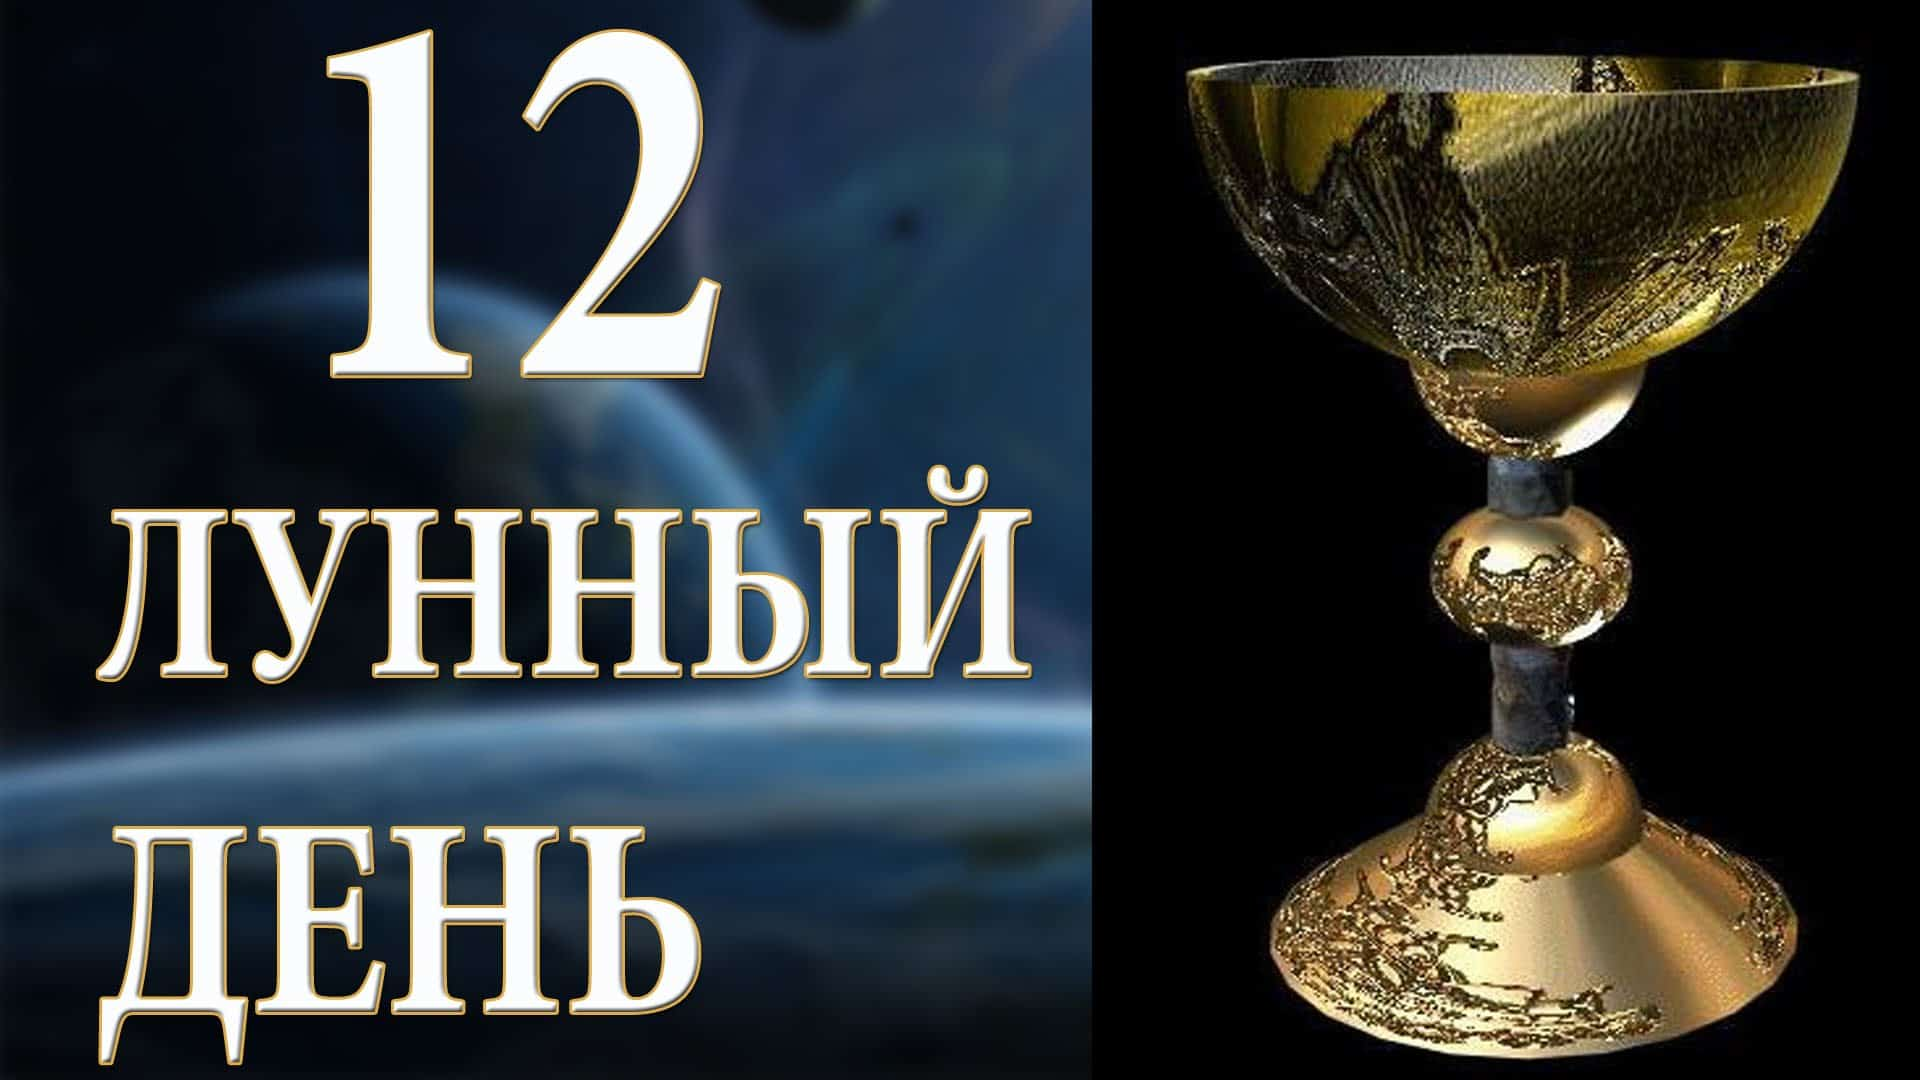 12 лунный день, его символ Чаша